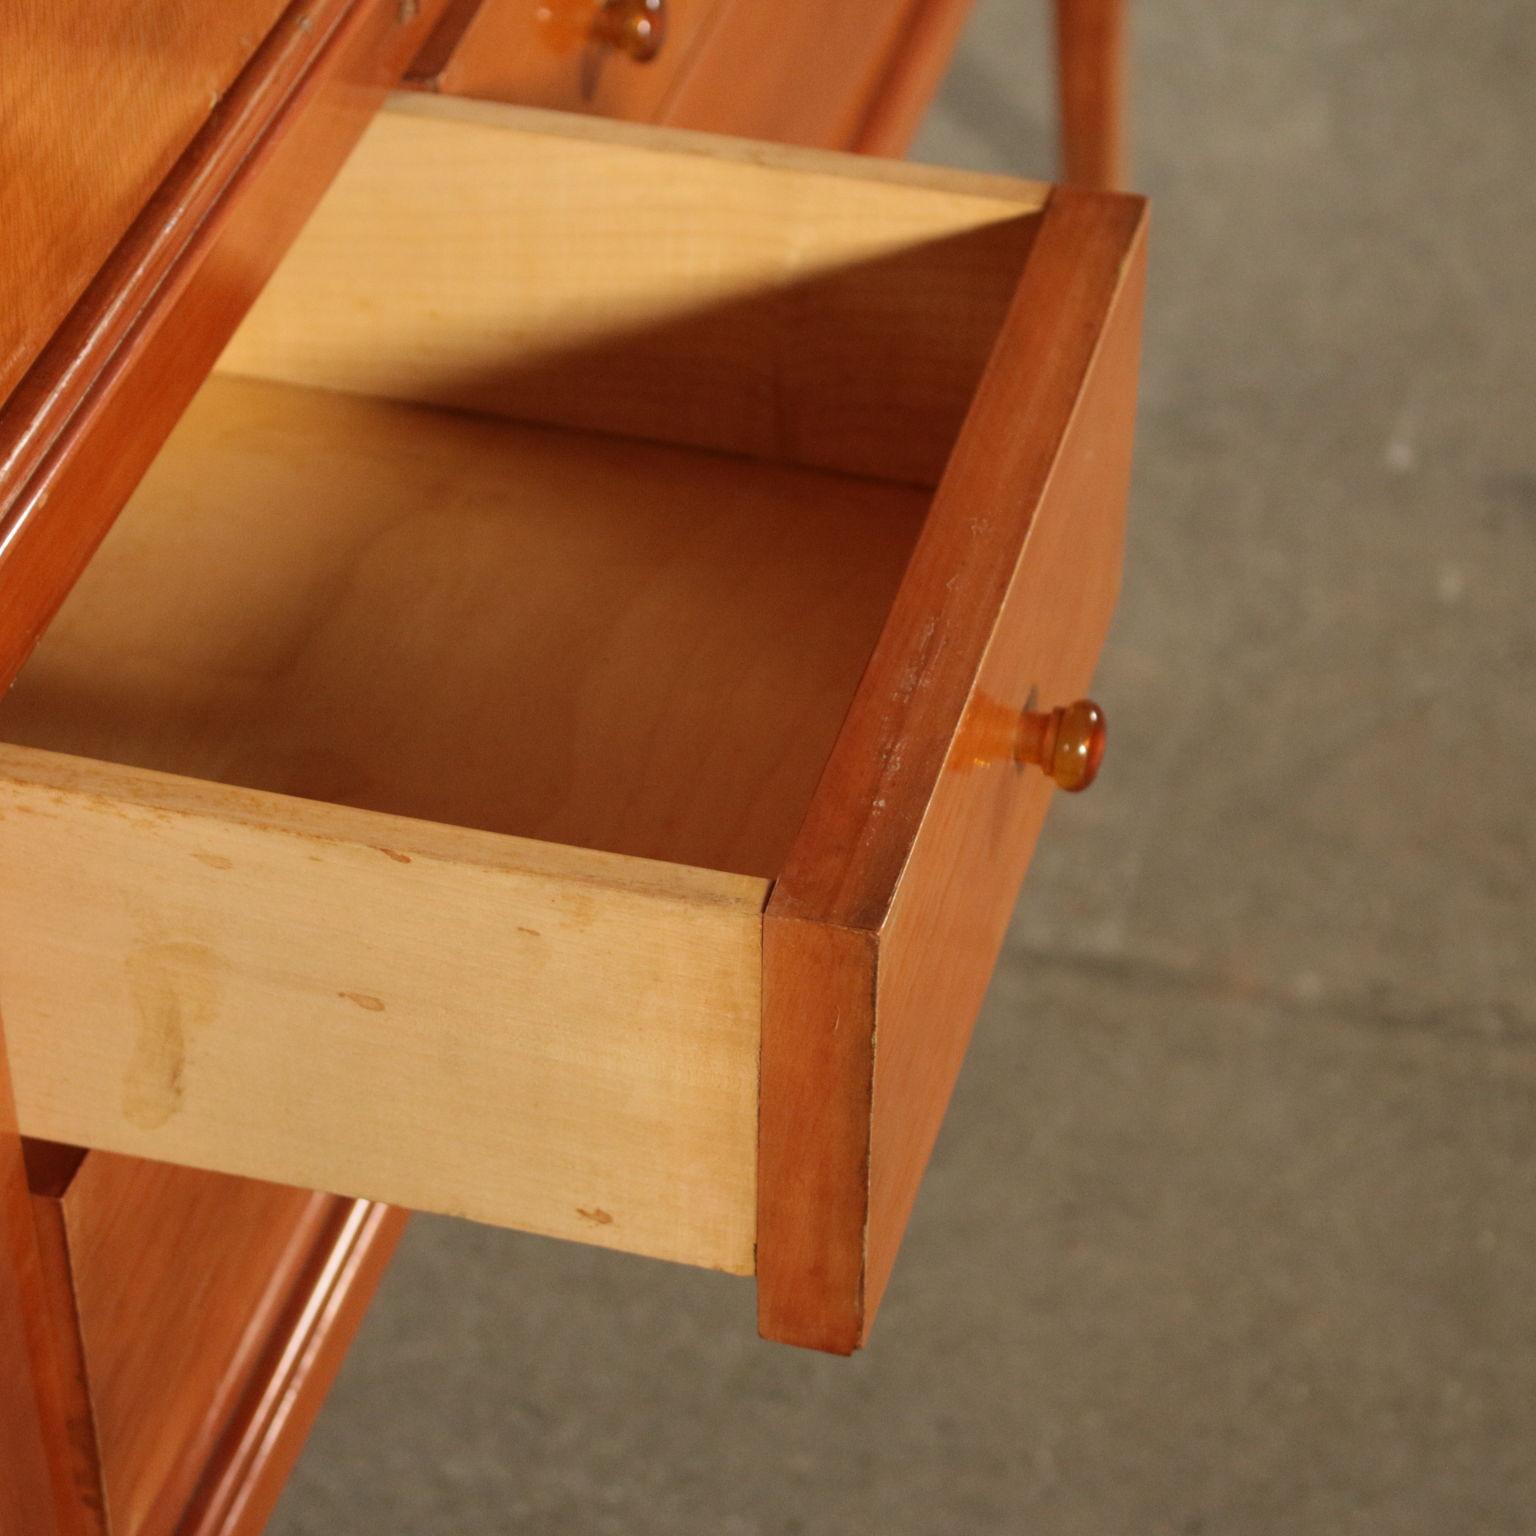 Cabinet fruit wood veneer maple vintage italy 1940s